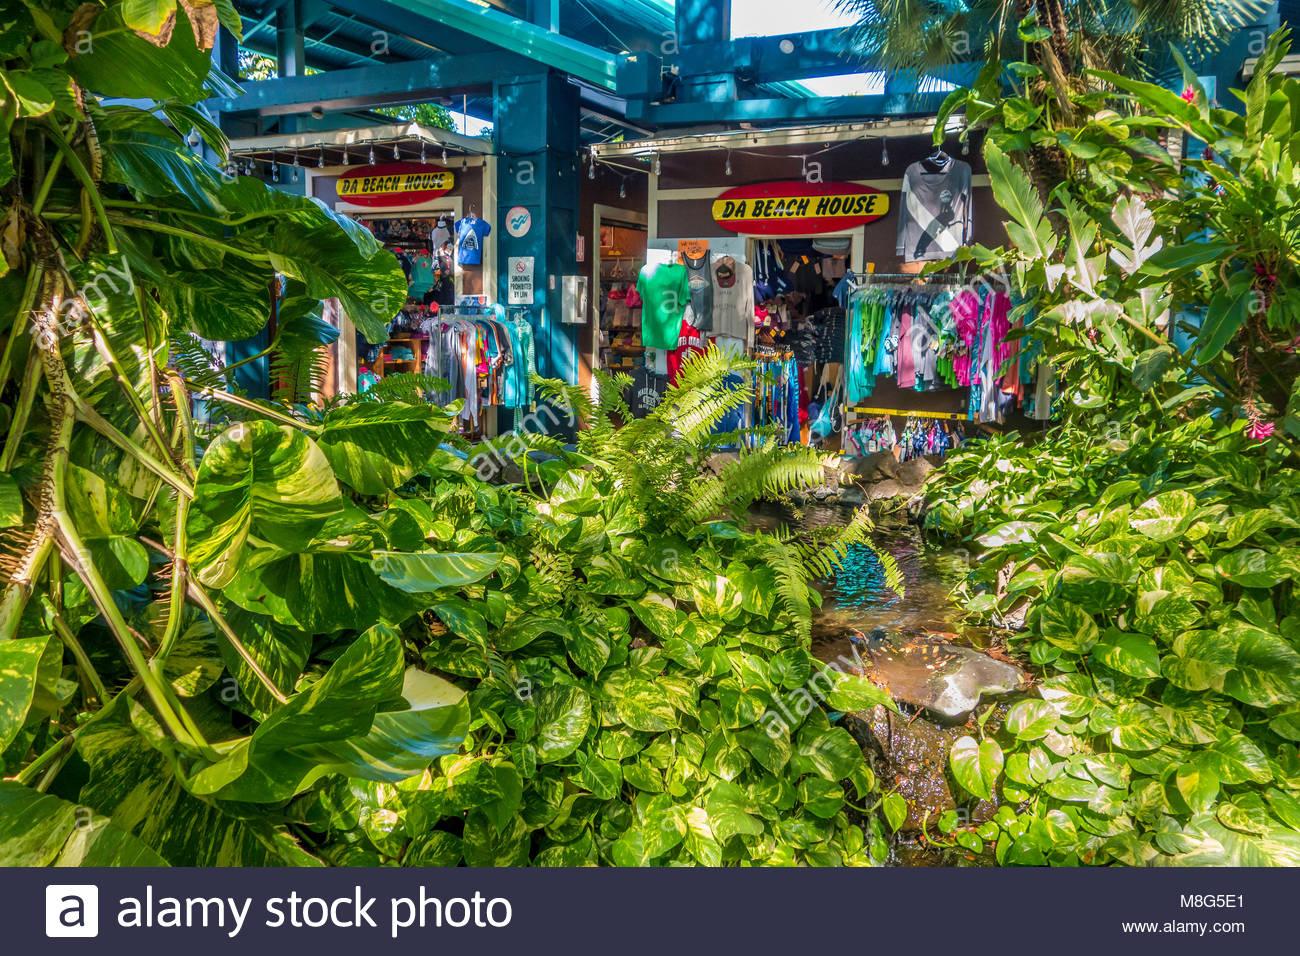 Negozio di abbigliamento Kalama Village Shopping Centre in Kihei isola di Maui nello stato delle Hawaii USA Immagini Stock